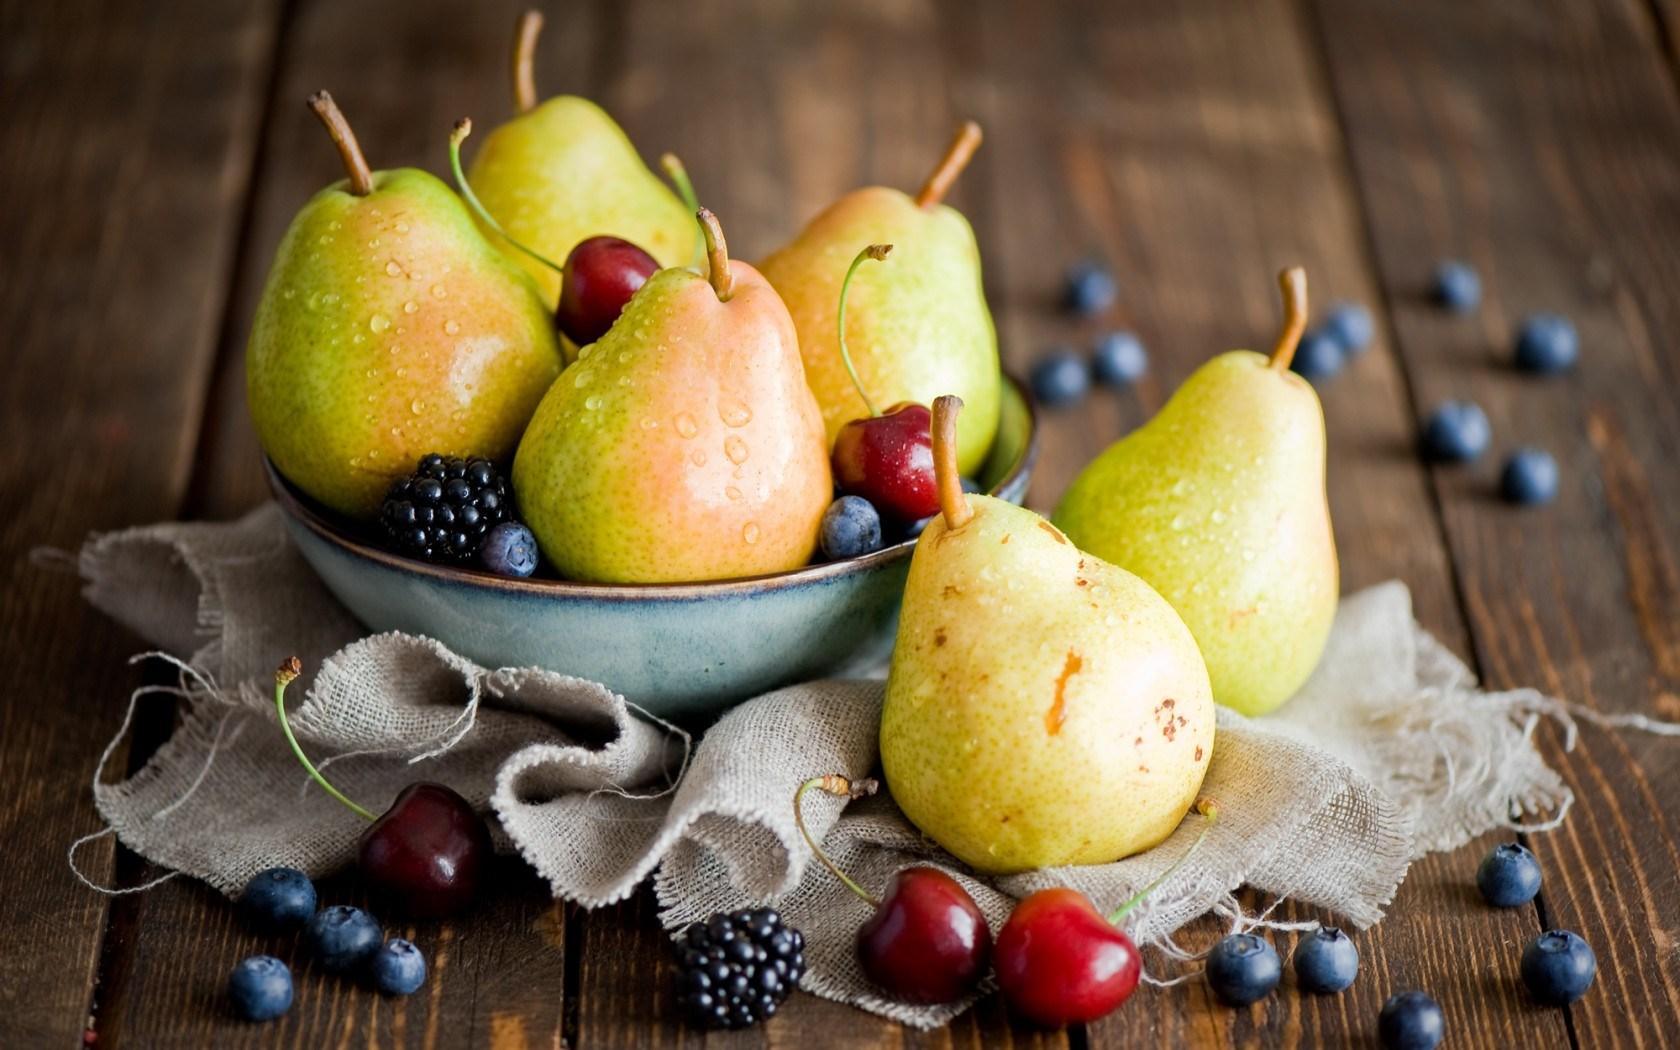 fruits berries pears cherries blackberries